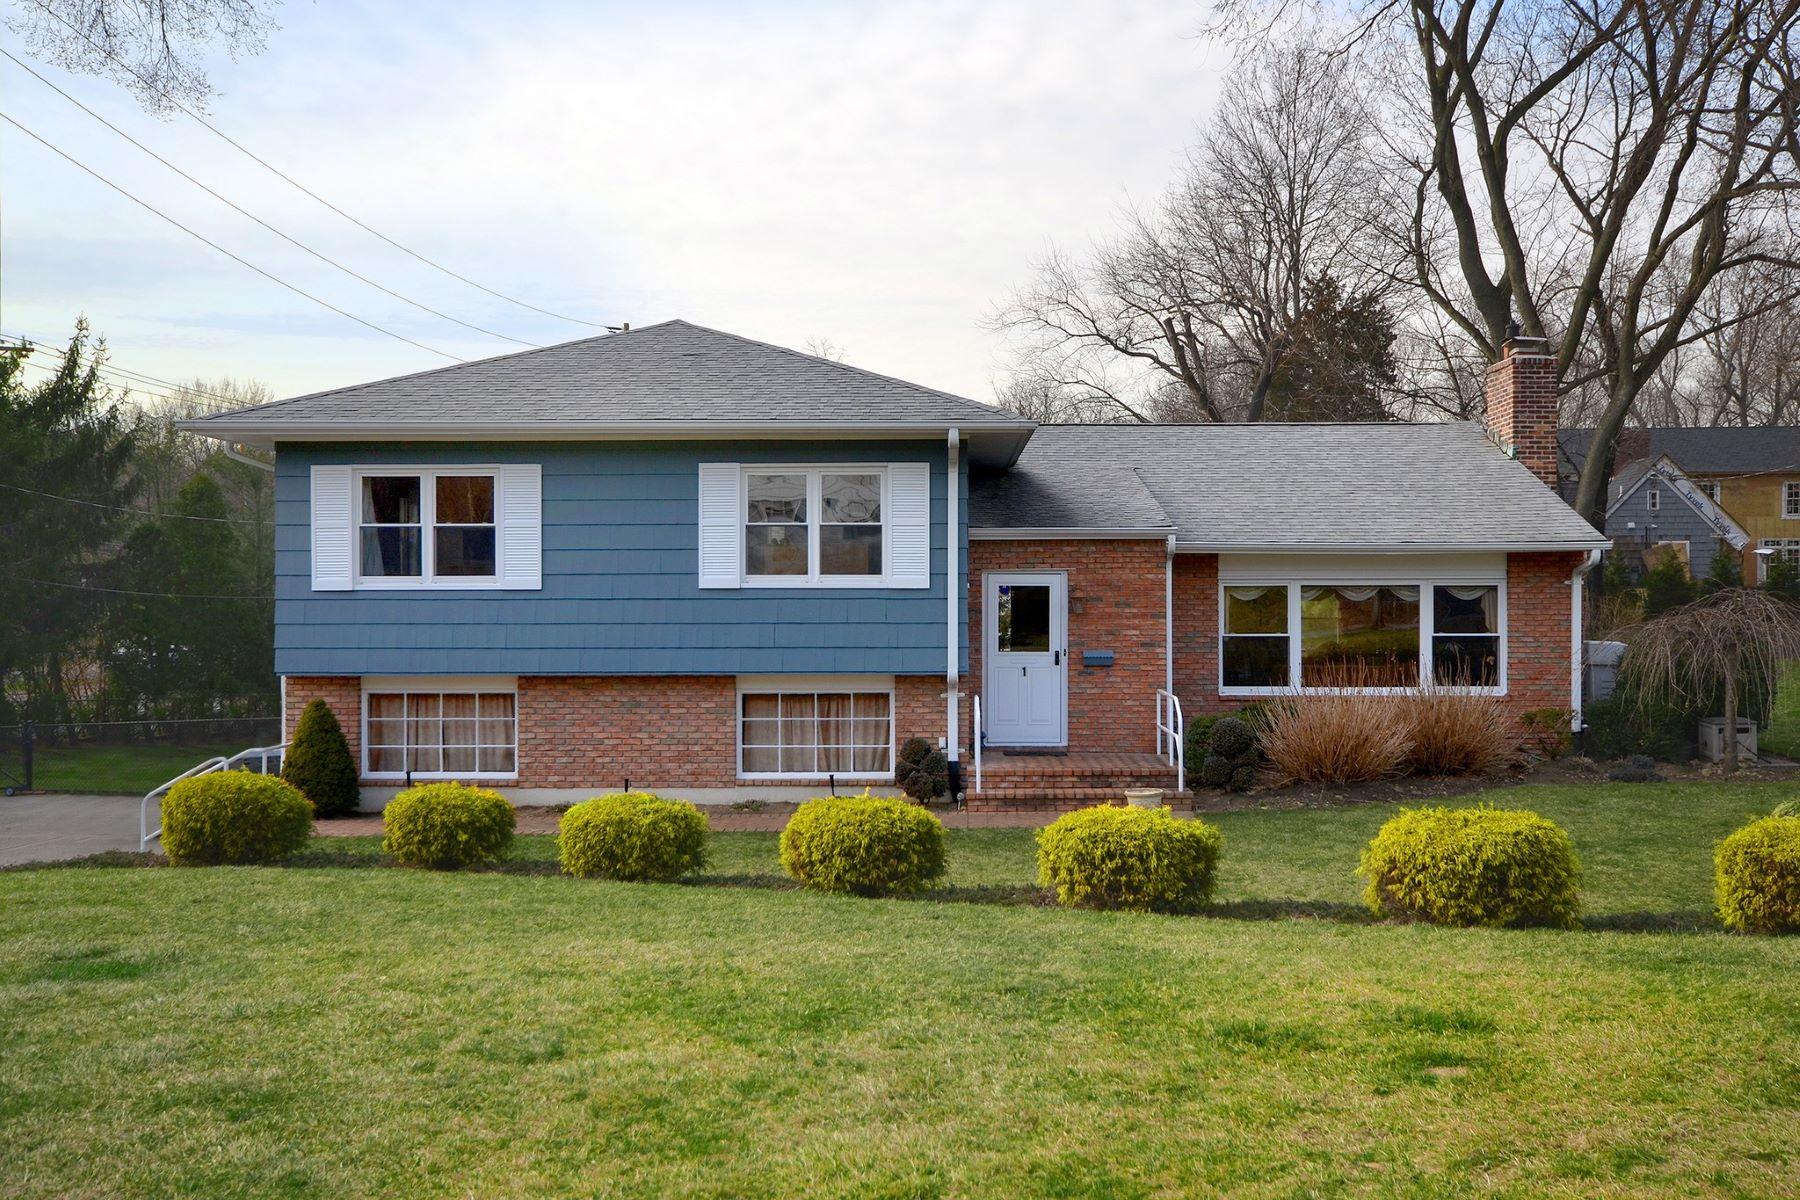 独户住宅 为 销售 在 Split 1 East View Ct 华盛顿港, 纽约州, 11050 美国